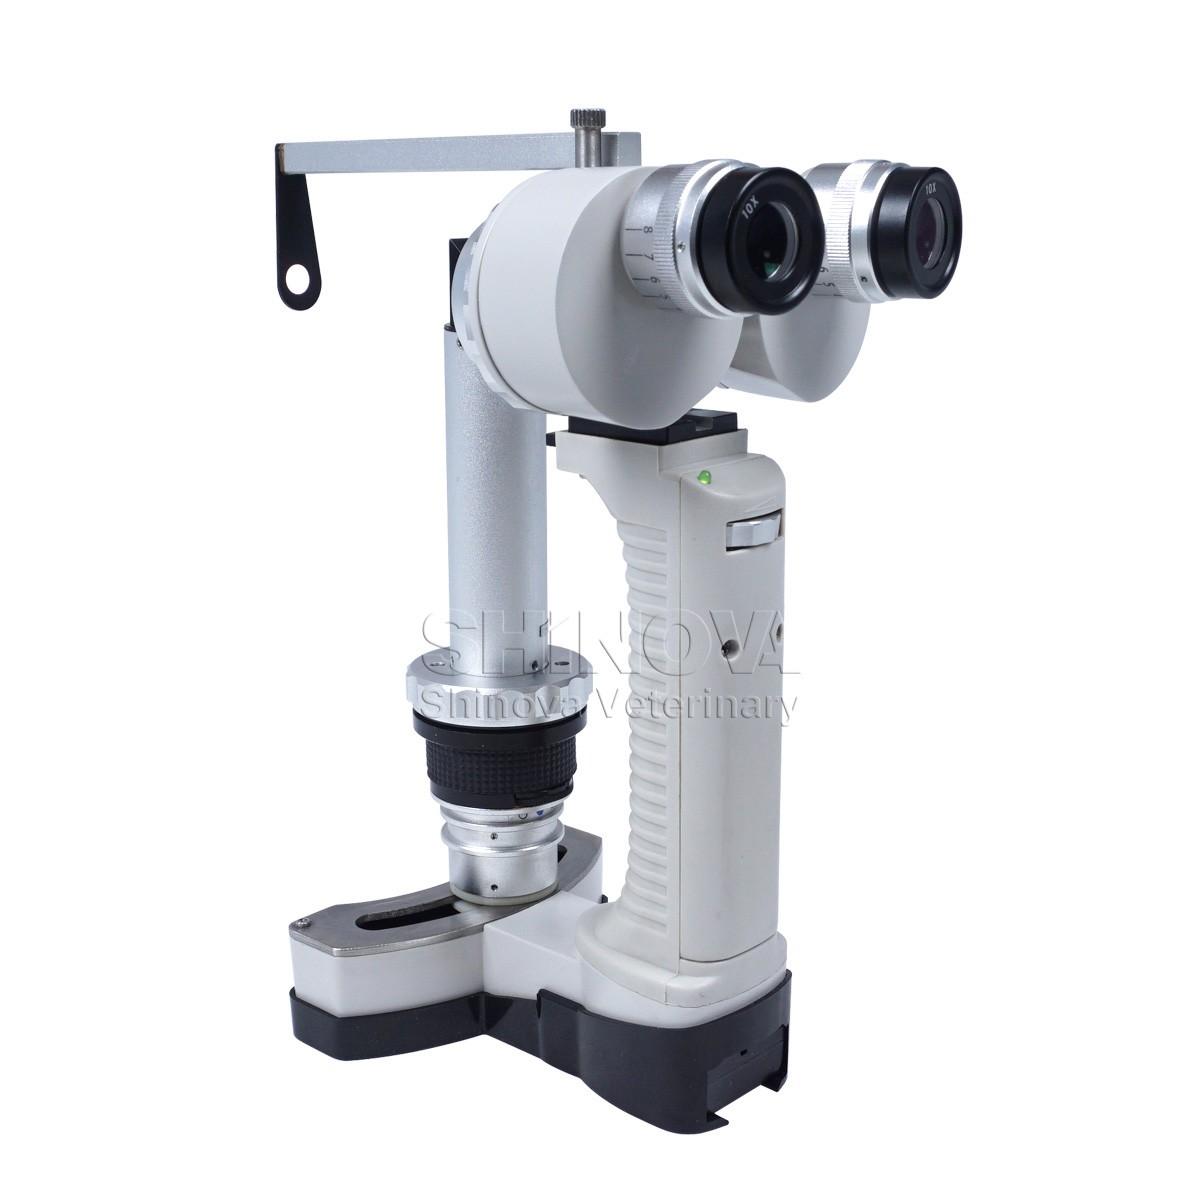 Portable Slit Lamp Shinova Vet Veterinary Ultrasound Veterinary Monitor Veterinary Anesthesia